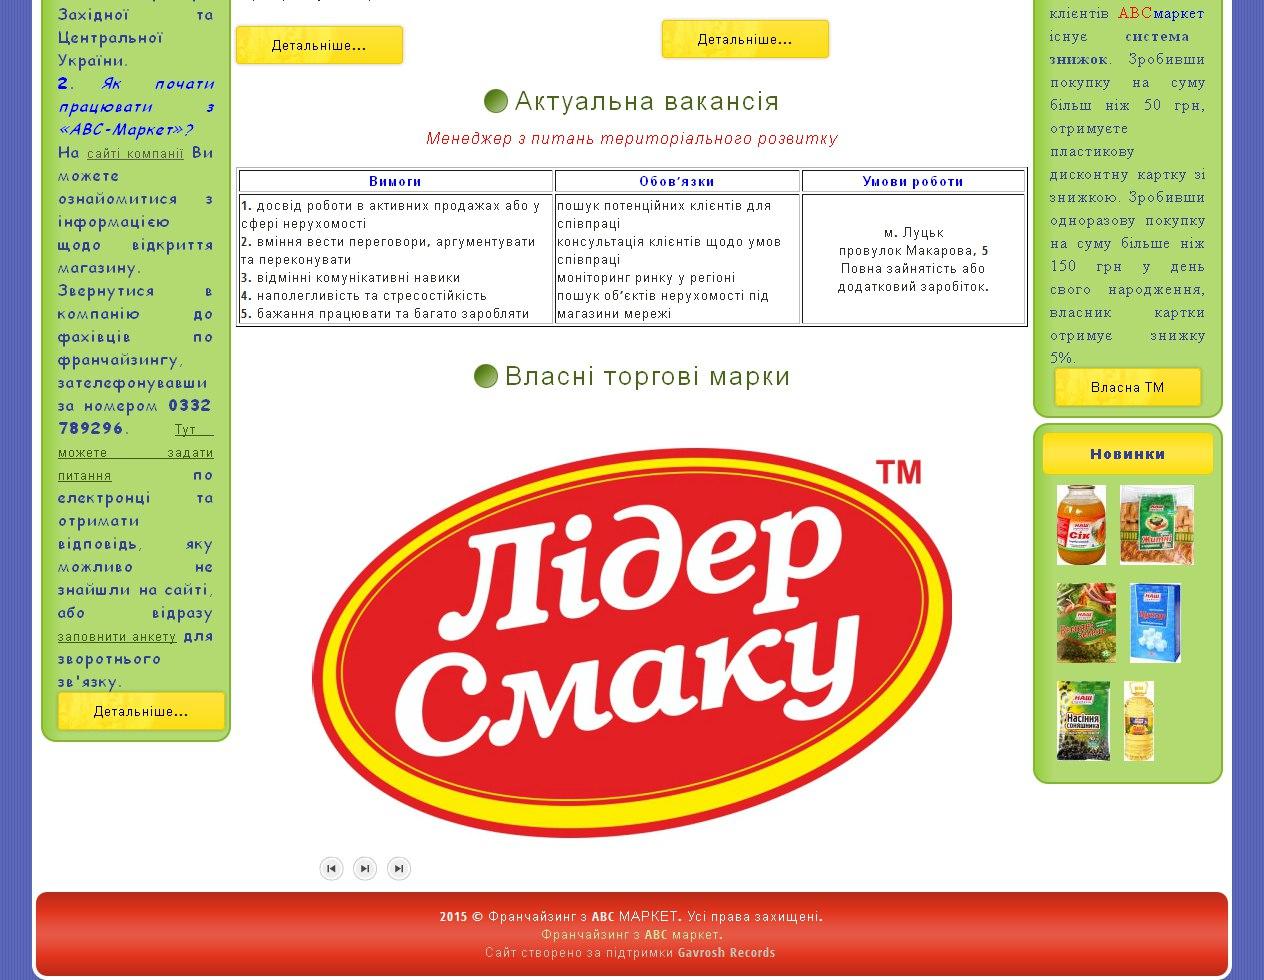 Нижняя часть главной страницы abcmarket.ua